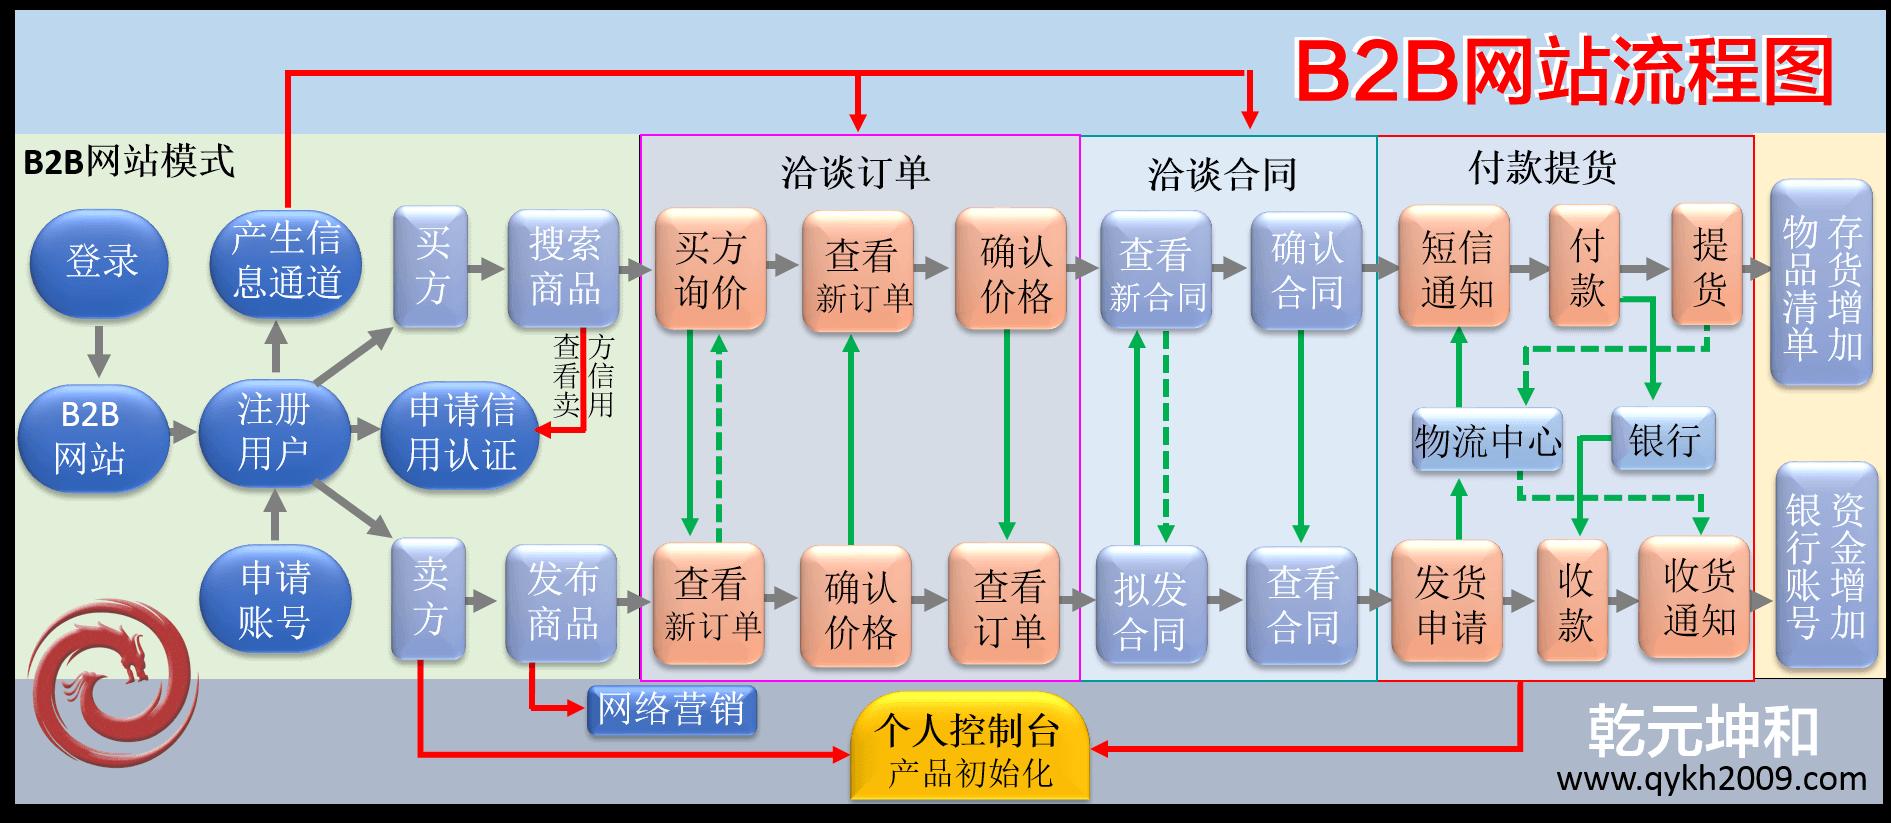 B2B系统流程图